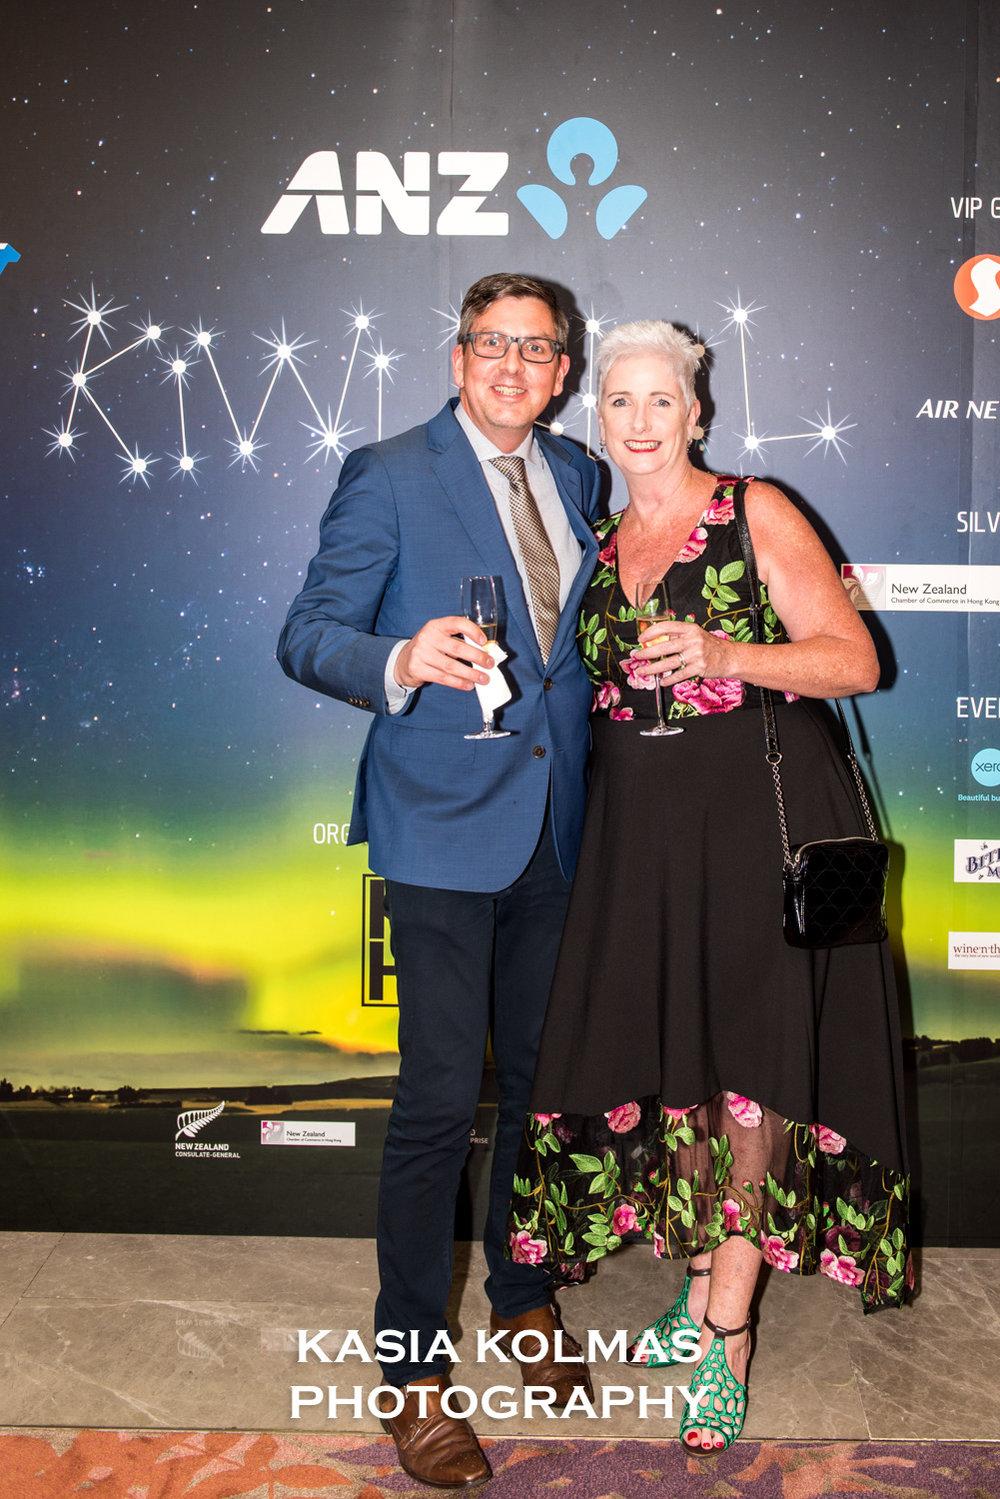 0136 - ANZ Kiwi Ball 2018